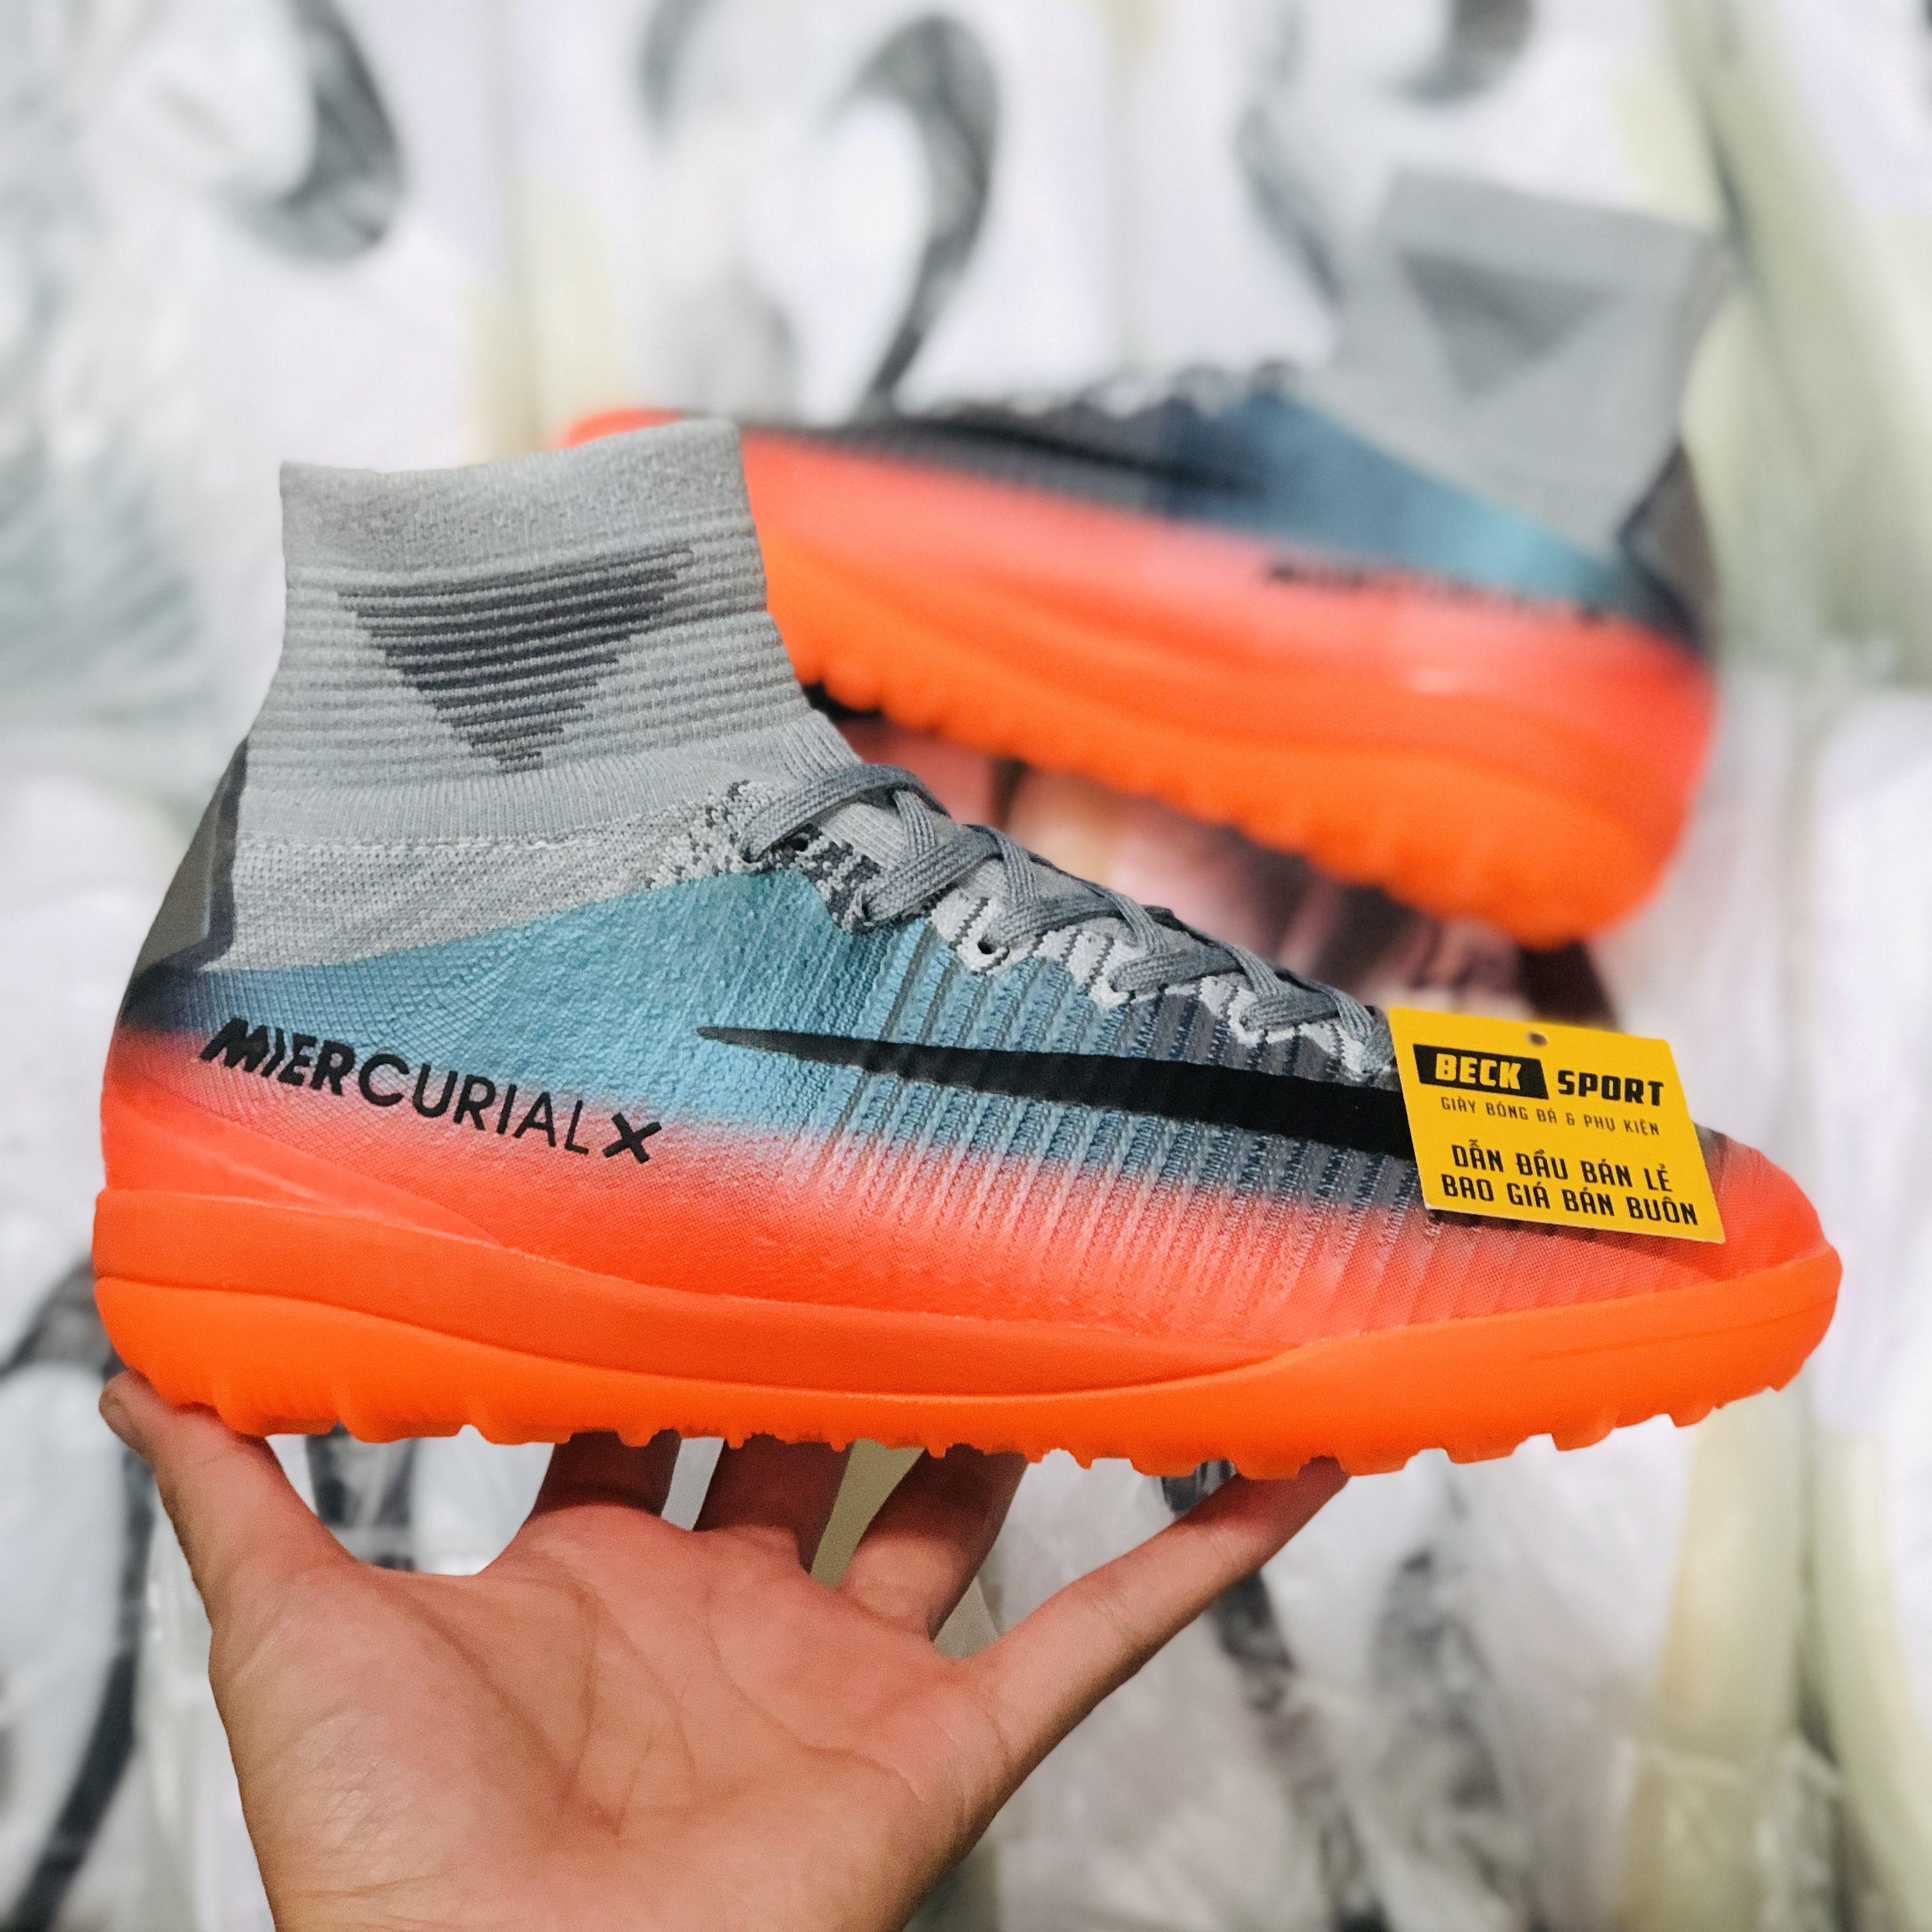 Giày Bóng Đá Nike MercurialX Proximo Superfly CR7 Xám Cam Vạch Đen Cổ Cao TF